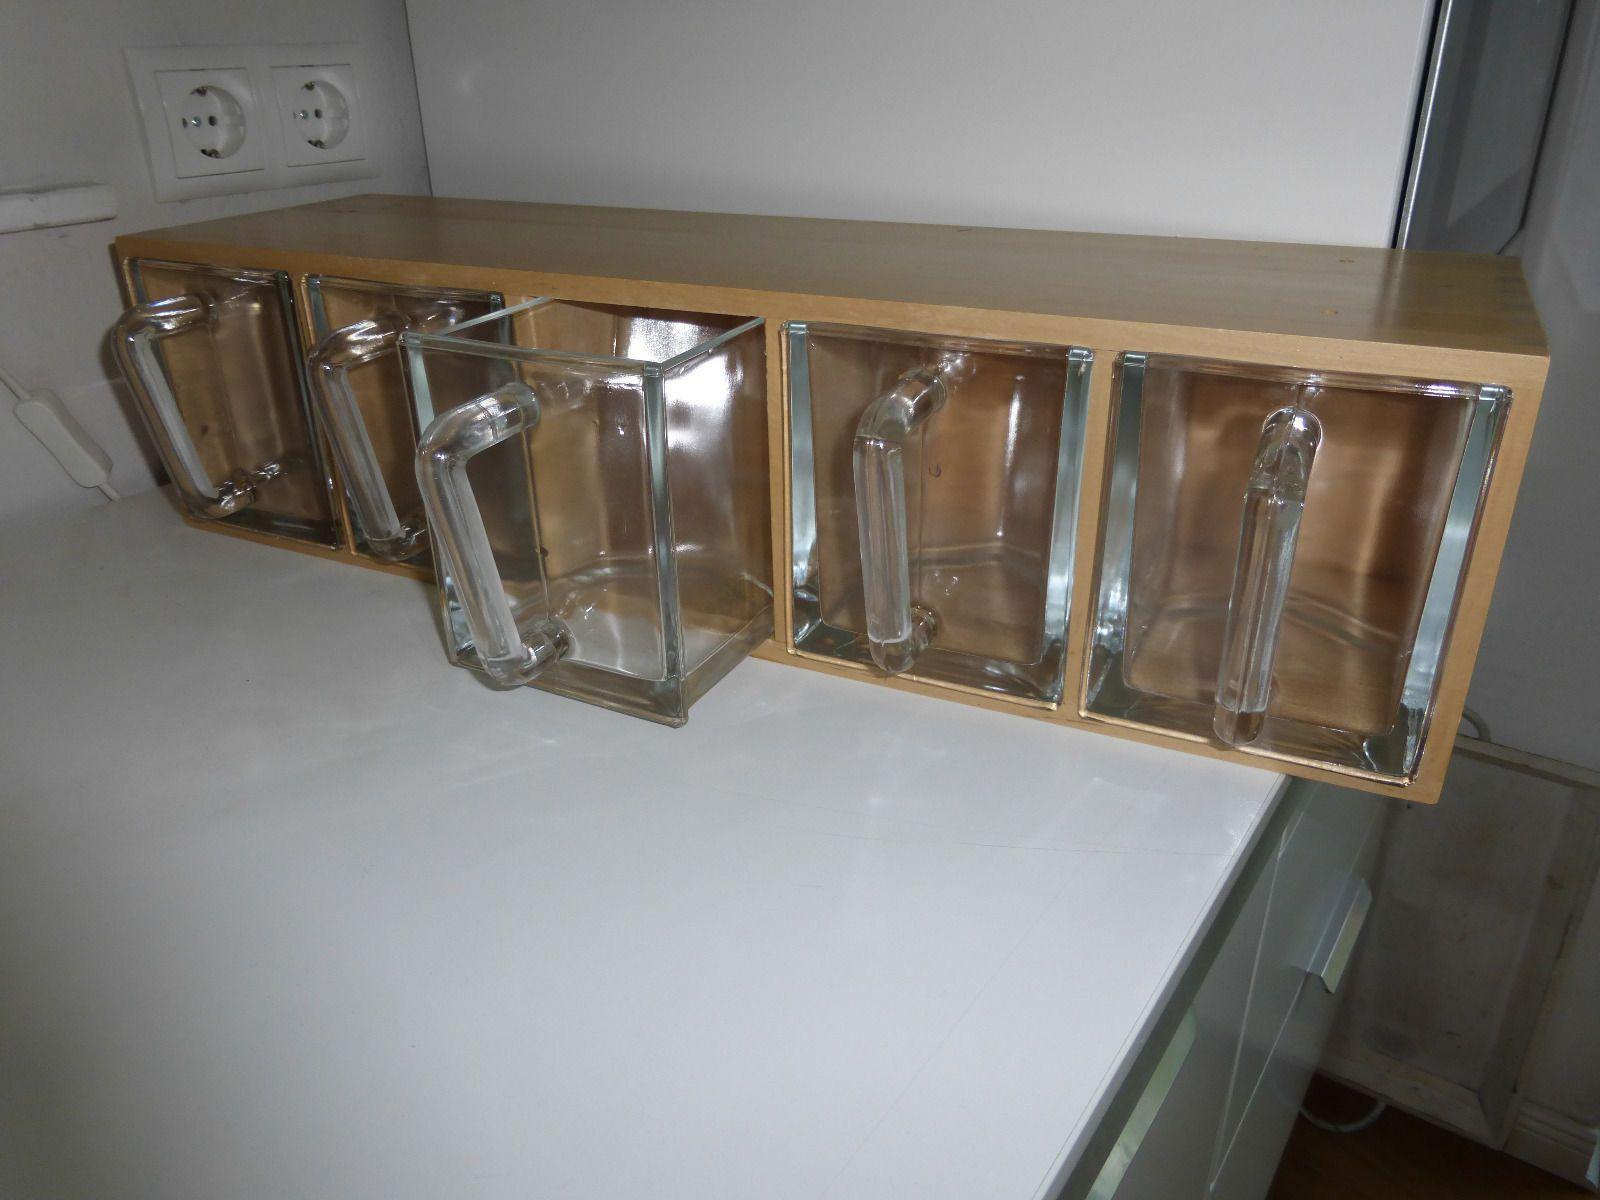 regal mit glassch tten ikea gebraucht in m bel wohnen m bel regale aufbewahrung ebay. Black Bedroom Furniture Sets. Home Design Ideas